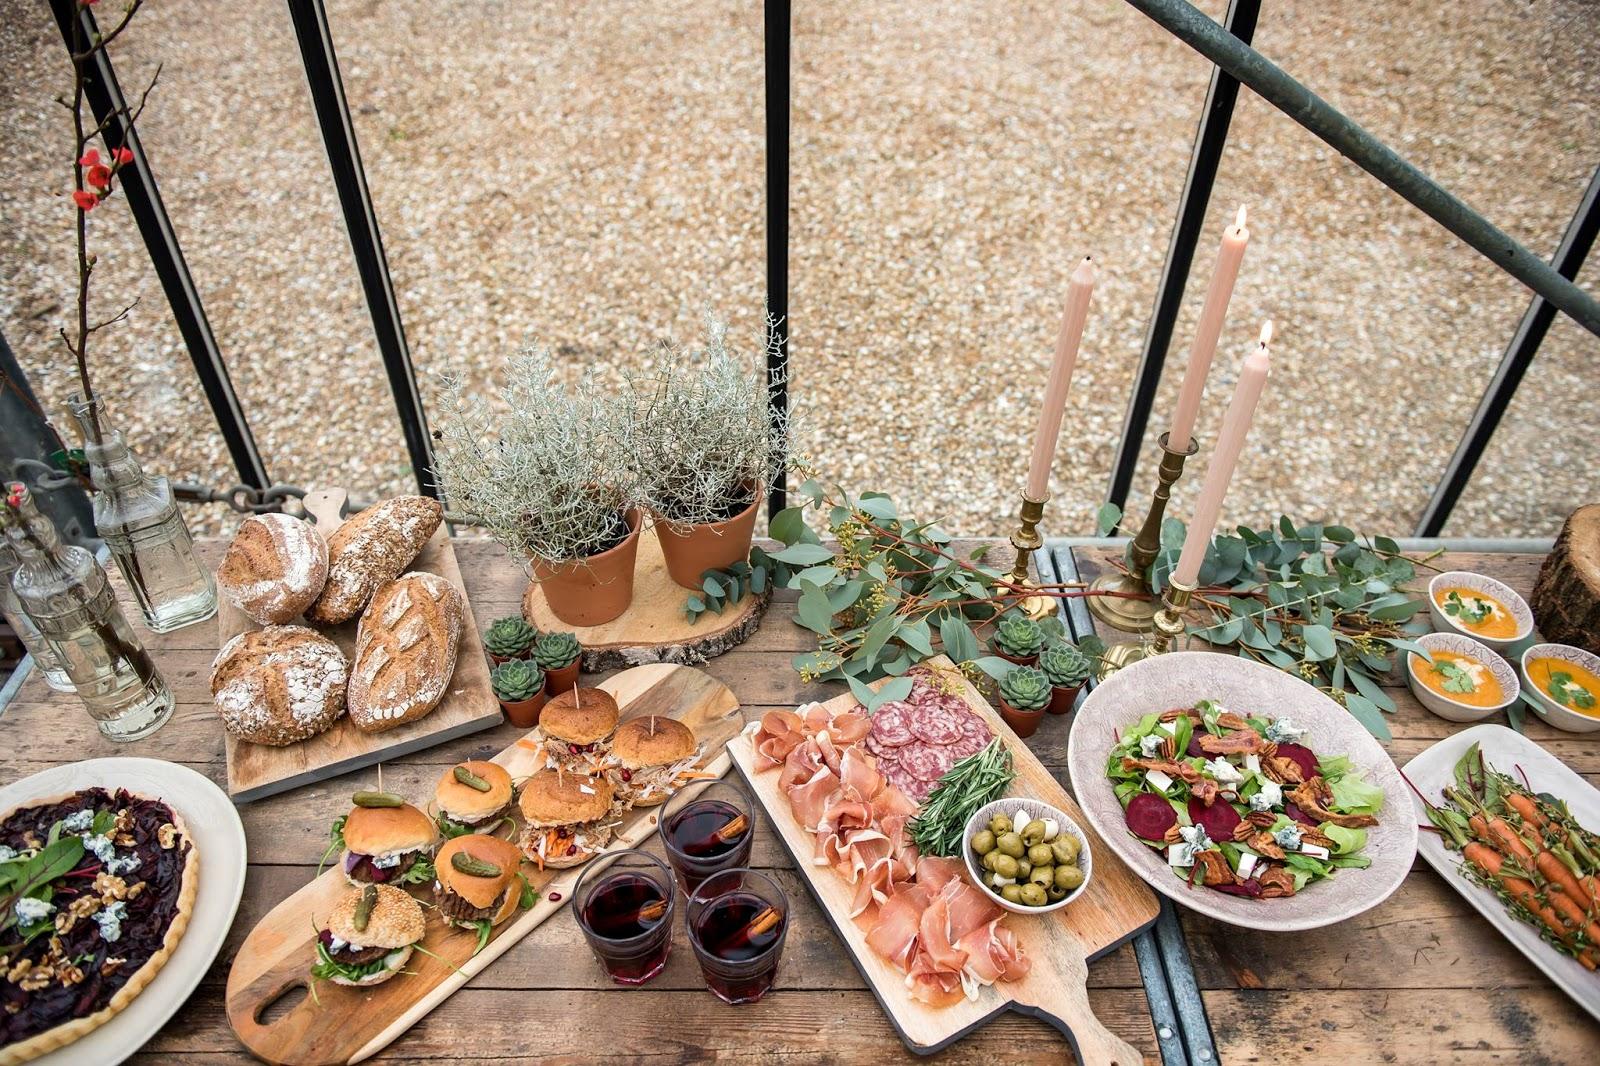 Ongebruikt Eten van een Lekkere Tafel: Sneak Peek Winter Wedding Inspiration NC-98